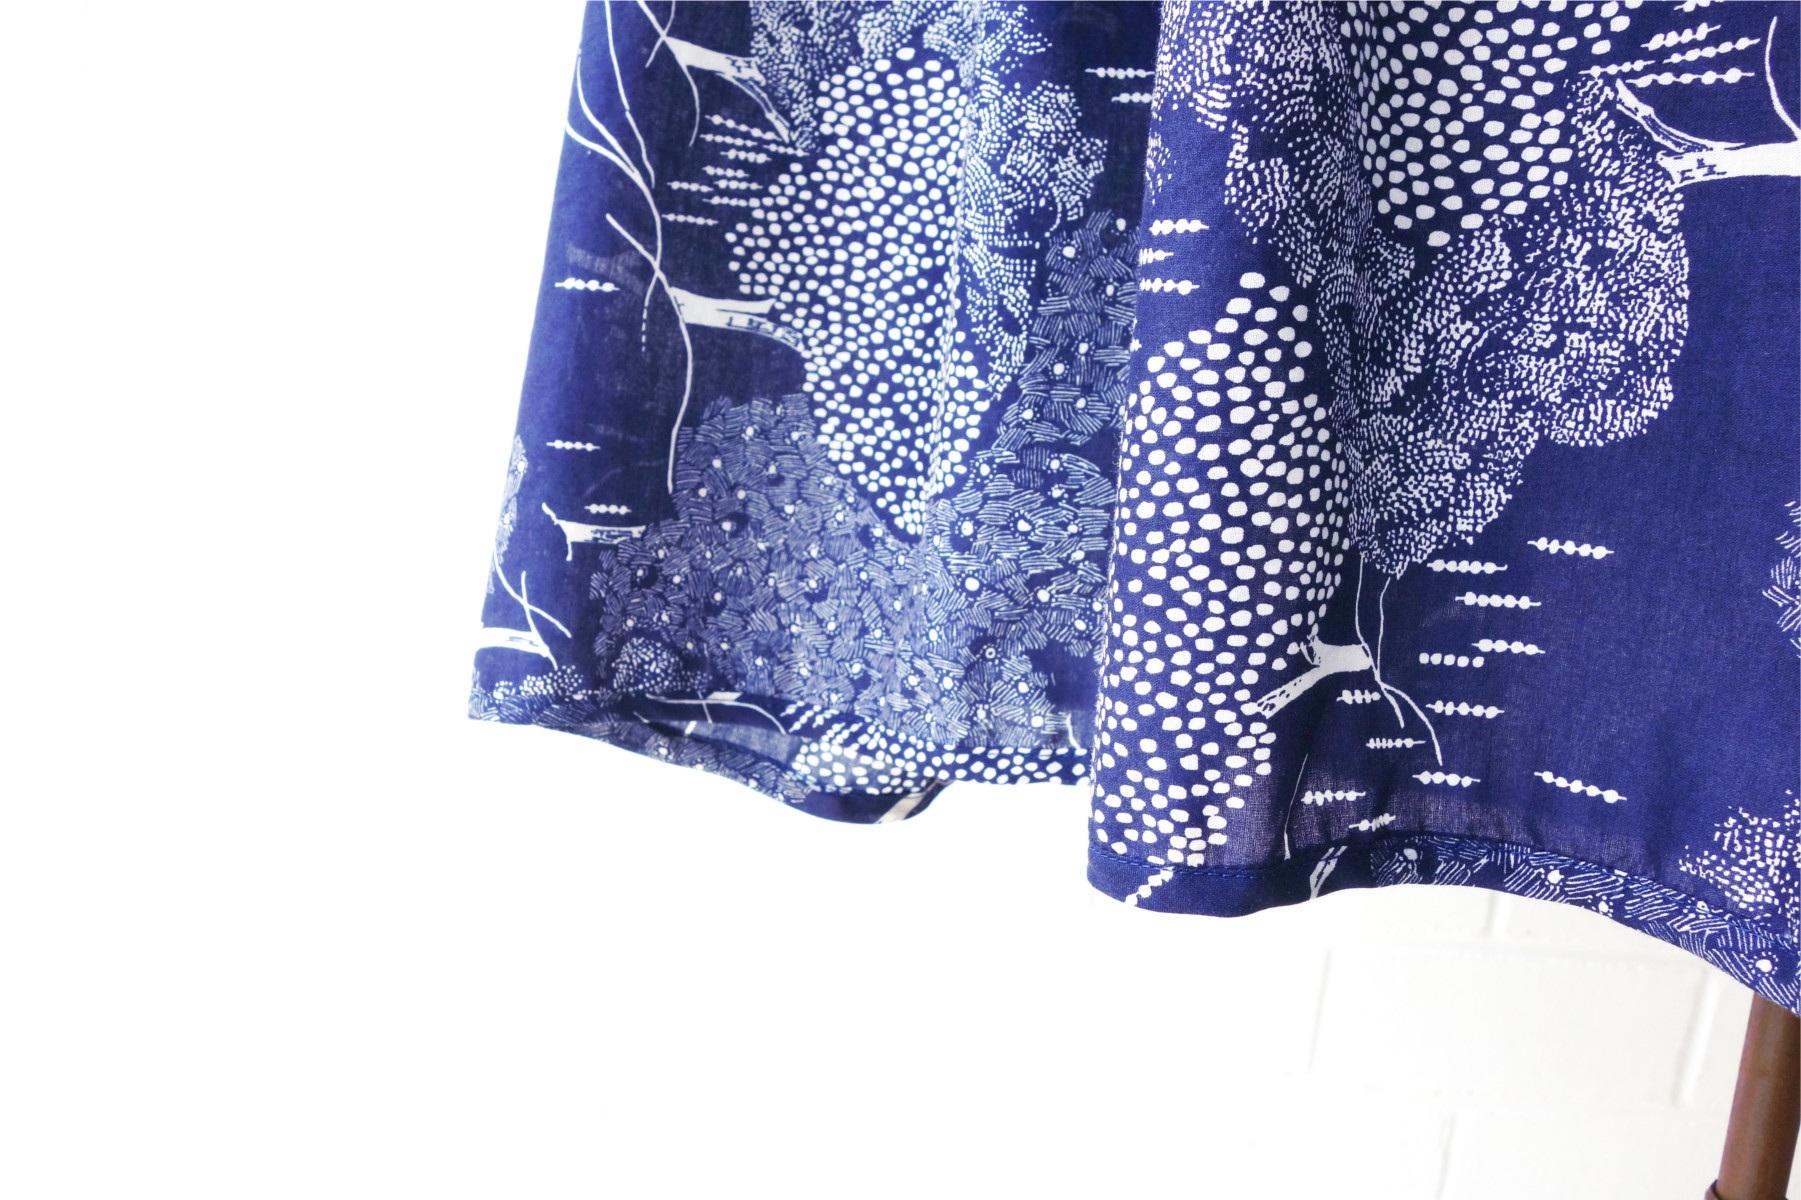 Peplum+dress+8.jpg